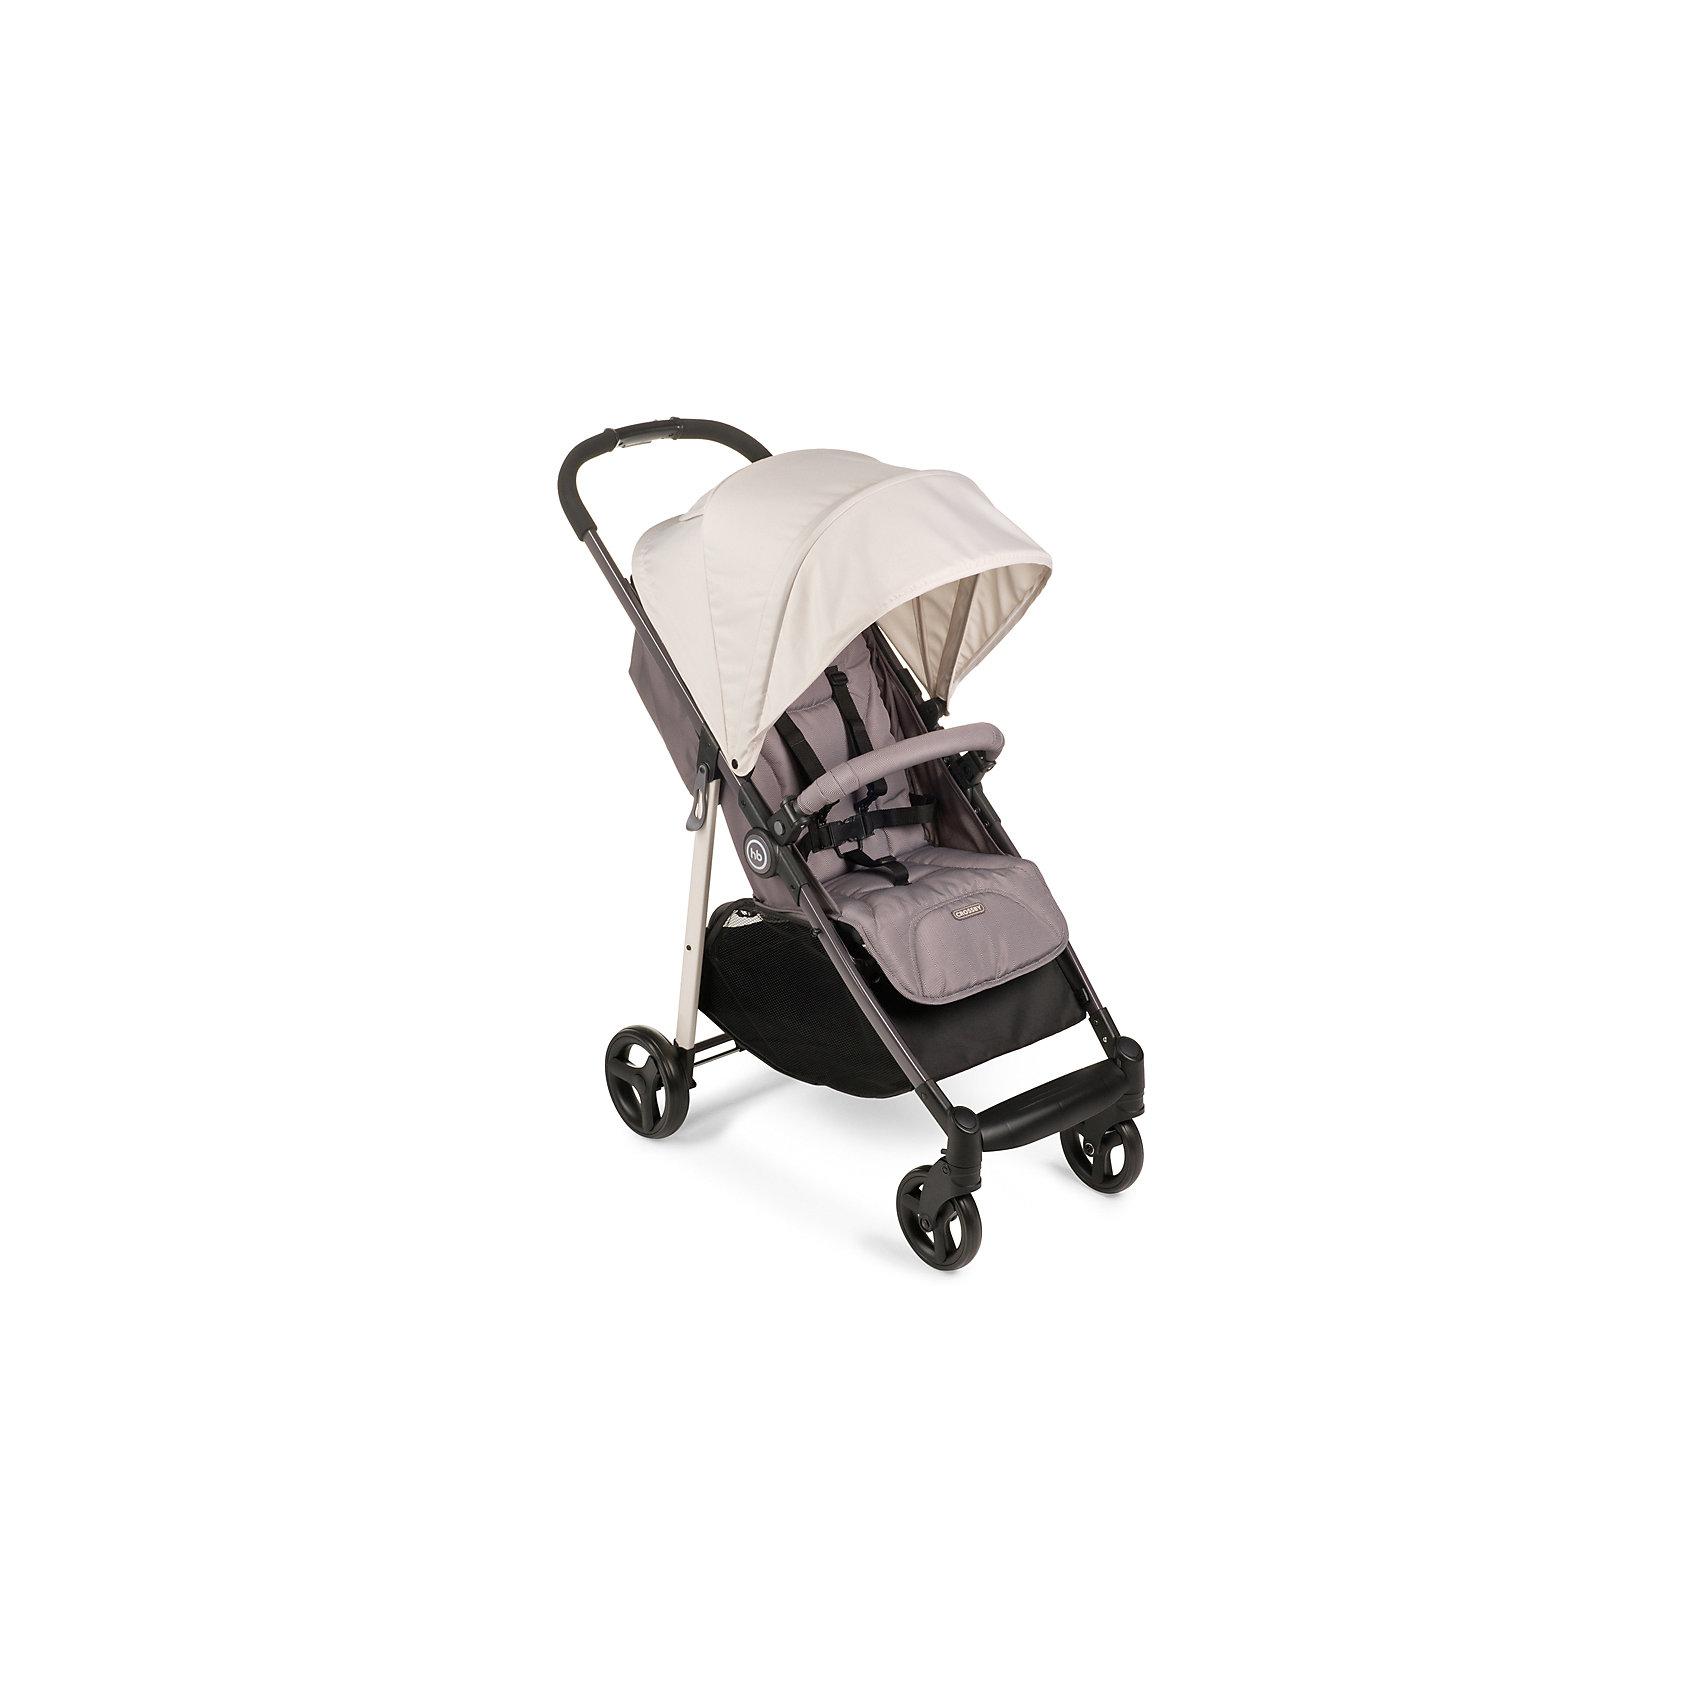 Прогулочная коляска Crossby, Happy Baby, бежевыйПрогулочная коляска Crossby, Happy Baby, бежевый – эта легкая прогулочная коляска подарит удовольствие от использования и малышу, и маме.<br>Прогулочная коляска Crossby создана в минималистичном стиле, при этом сочетая в себе максимально необходимое количество характеристик для комфортных прогулок и путешествий. Благодаря амортизации на передних и задних колесах, коляска способна передвигаться по любой дороге, включая не глубокий снег. Эта всесезонная коляска укомплектована чехлом на ножки, дождевиком и москитной сеткой. Имеет широкое сиденье с возможностью плавной регулировки угла наклона спинки (количество положений не ограничено), пятиточечные ремни безопасности, большой капюшон со смотровым окошком, регулируемую в трех положениях подножку, съемный бампер, вместительную корзину для покупок. Обивка коляски выполнена из современных высокотехнологичных тканей, что создает дополнительный комфорт для ребенка и мамы.<br><br>Дополнительная информация:<br><br>- В комплекте: дождевик, чехол на ножки, москитная сетка<br>- Возраст: от 7 месяцев<br>- Максимальный вес ребенка: 20 кг.<br>- Тип складывания: книжка<br>- Цвет: бежевый<br>- Ширина сиденья: 34 см.<br>- Глубина сиденья: 23 см.<br>- Длина спального места: 78 см.<br>- Вес коляски: 7,7 кг.<br>- Размер в сложенном виде: 84х50,5х29 см.<br>- Размер в разложенном виде: 96х50,5х104 см.<br>- Ширина колесной базы: 50,5 см.<br>- Колеса: пластиковые с покрытием EVA (этиленвинилацетат)<br>- Диаметр колес: передние — 15 см, задние —  18 см.<br>- Колёсная база: передние колеса поворотные с возможностью фиксации<br>- Амортизация передних и задних колес<br>- Тормозная педаль на оси задних колес<br><br>Прогулочную коляску Crossby, Happy Baby, бежевую можно купить в нашем интернет-магазине.<br><br>Ширина мм: 210<br>Глубина мм: 445<br>Высота мм: 835<br>Вес г: 10050<br>Цвет: бежевый<br>Возраст от месяцев: 7<br>Возраст до месяцев: 36<br>Пол: Унисекс<br>Возраст: Детский<br>SKU: 4753955